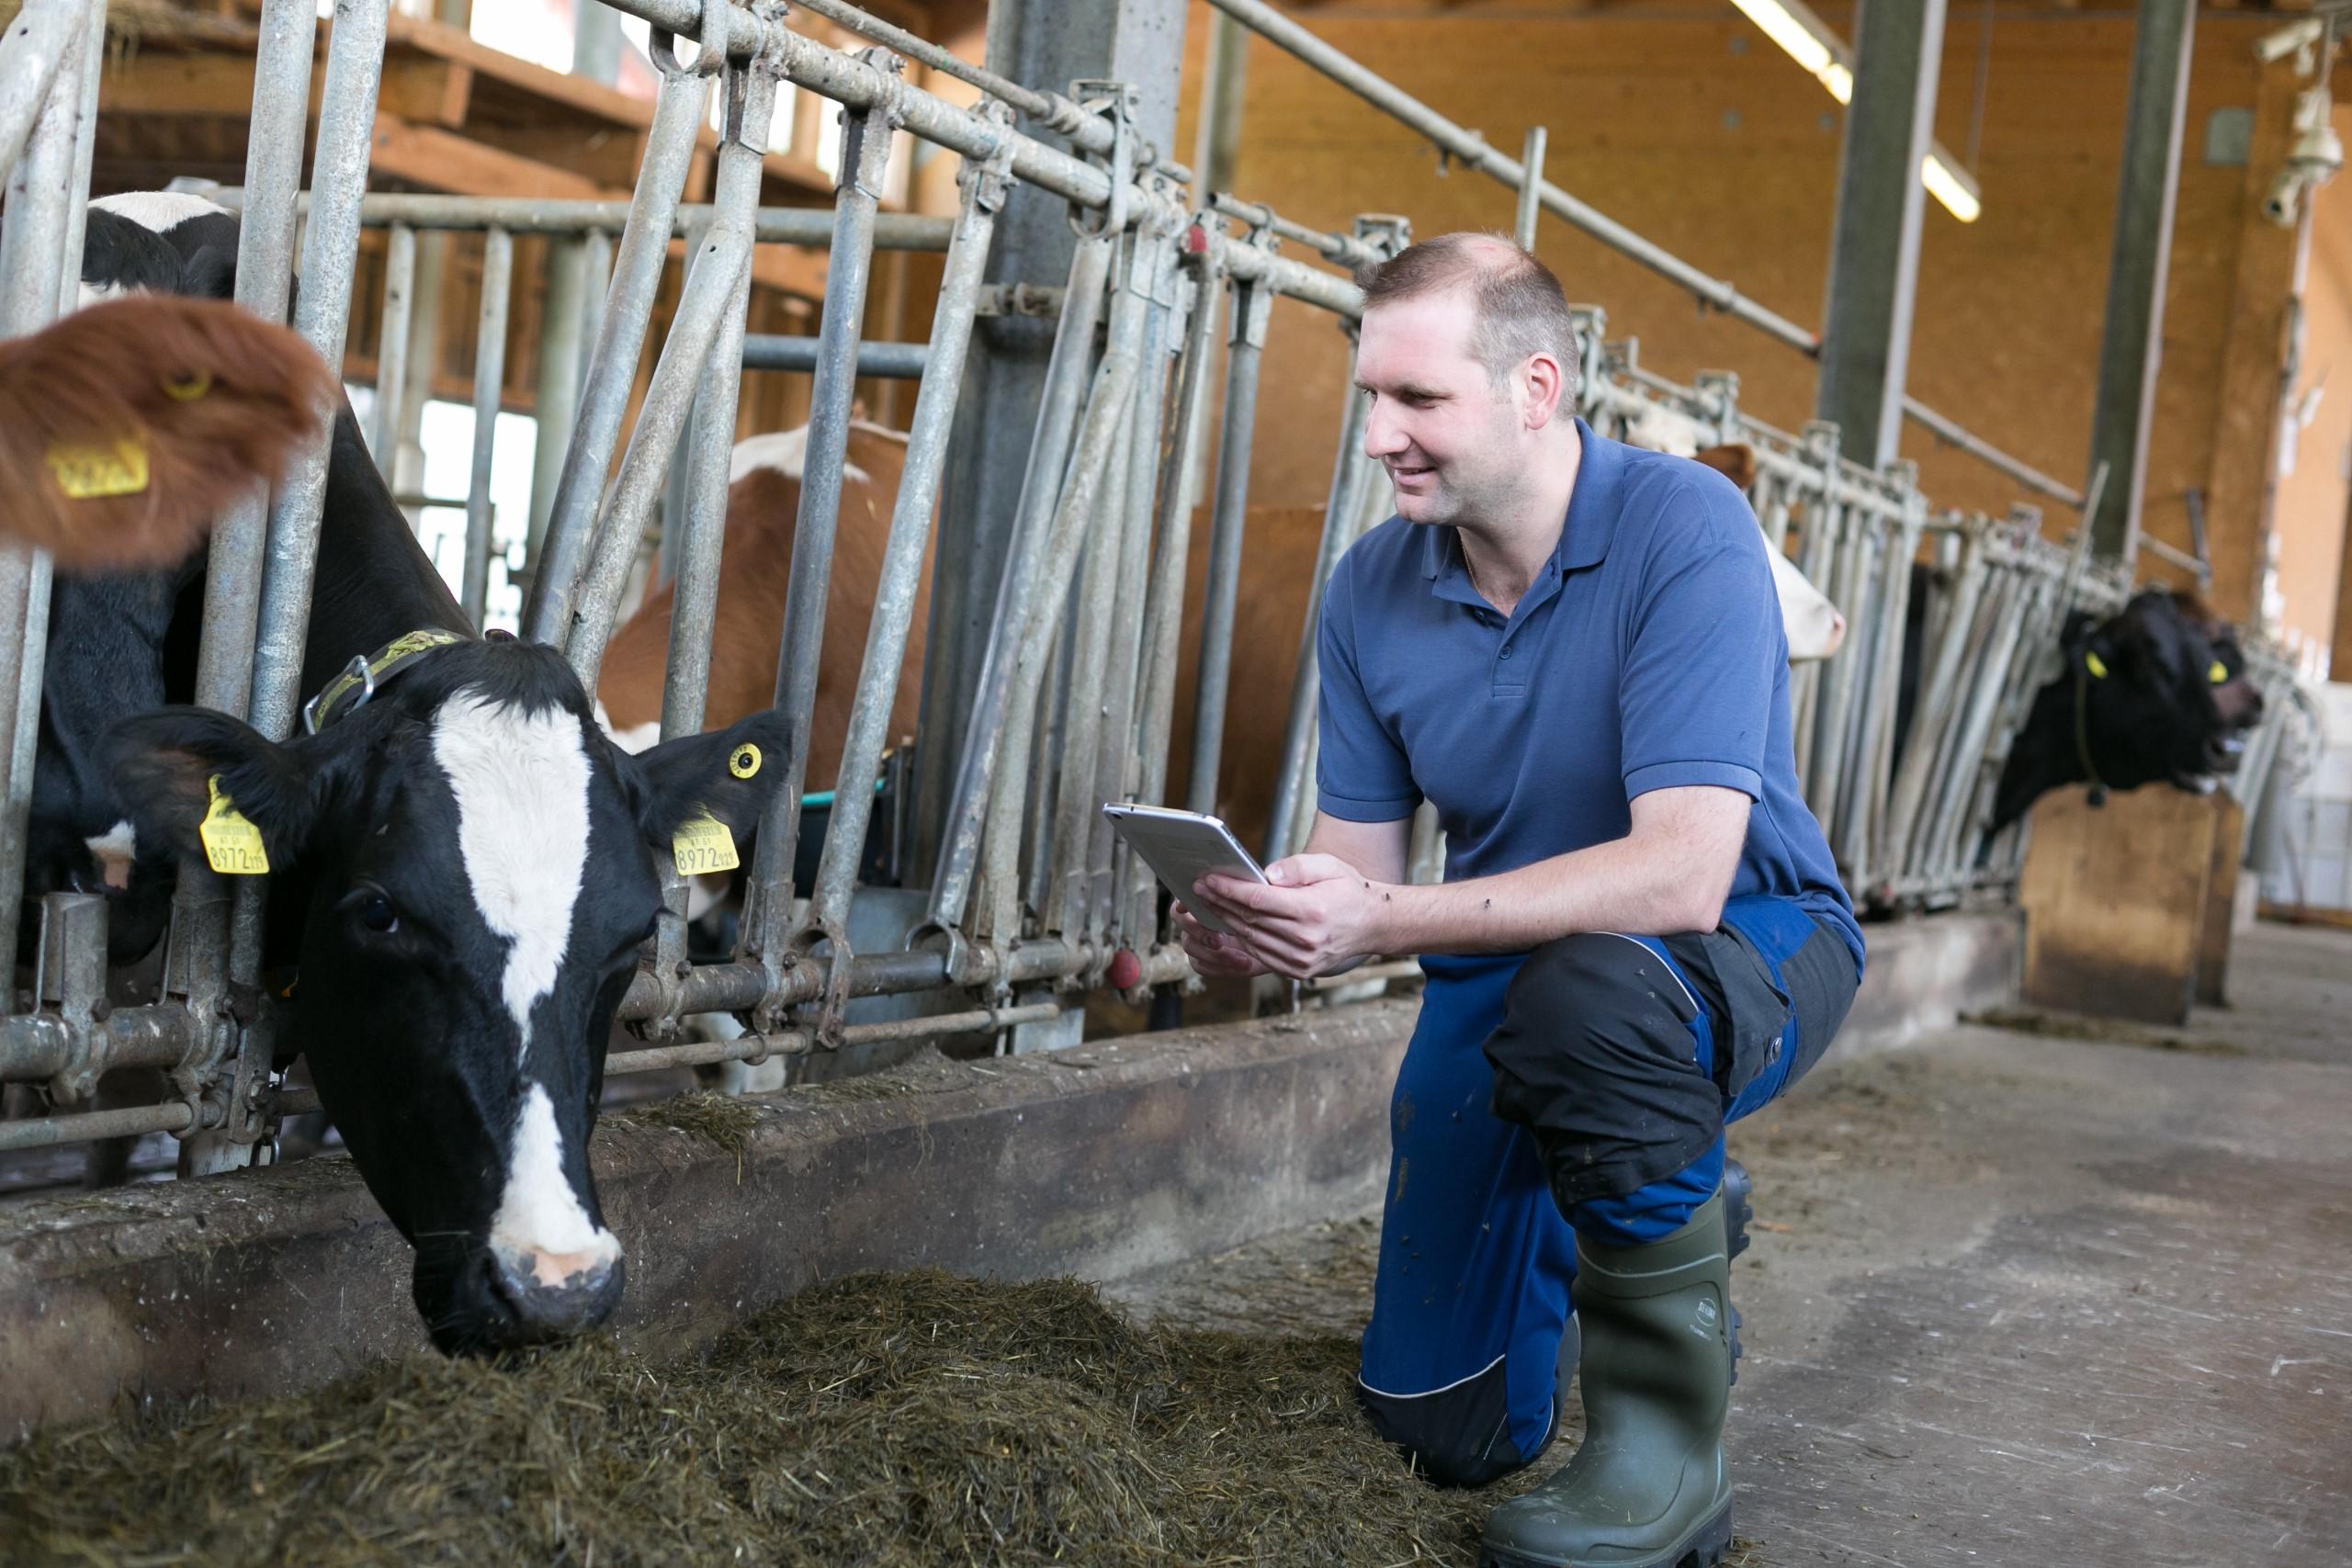 Landwirt mit Tablet, welches die Brunstauswertung übermittelt.